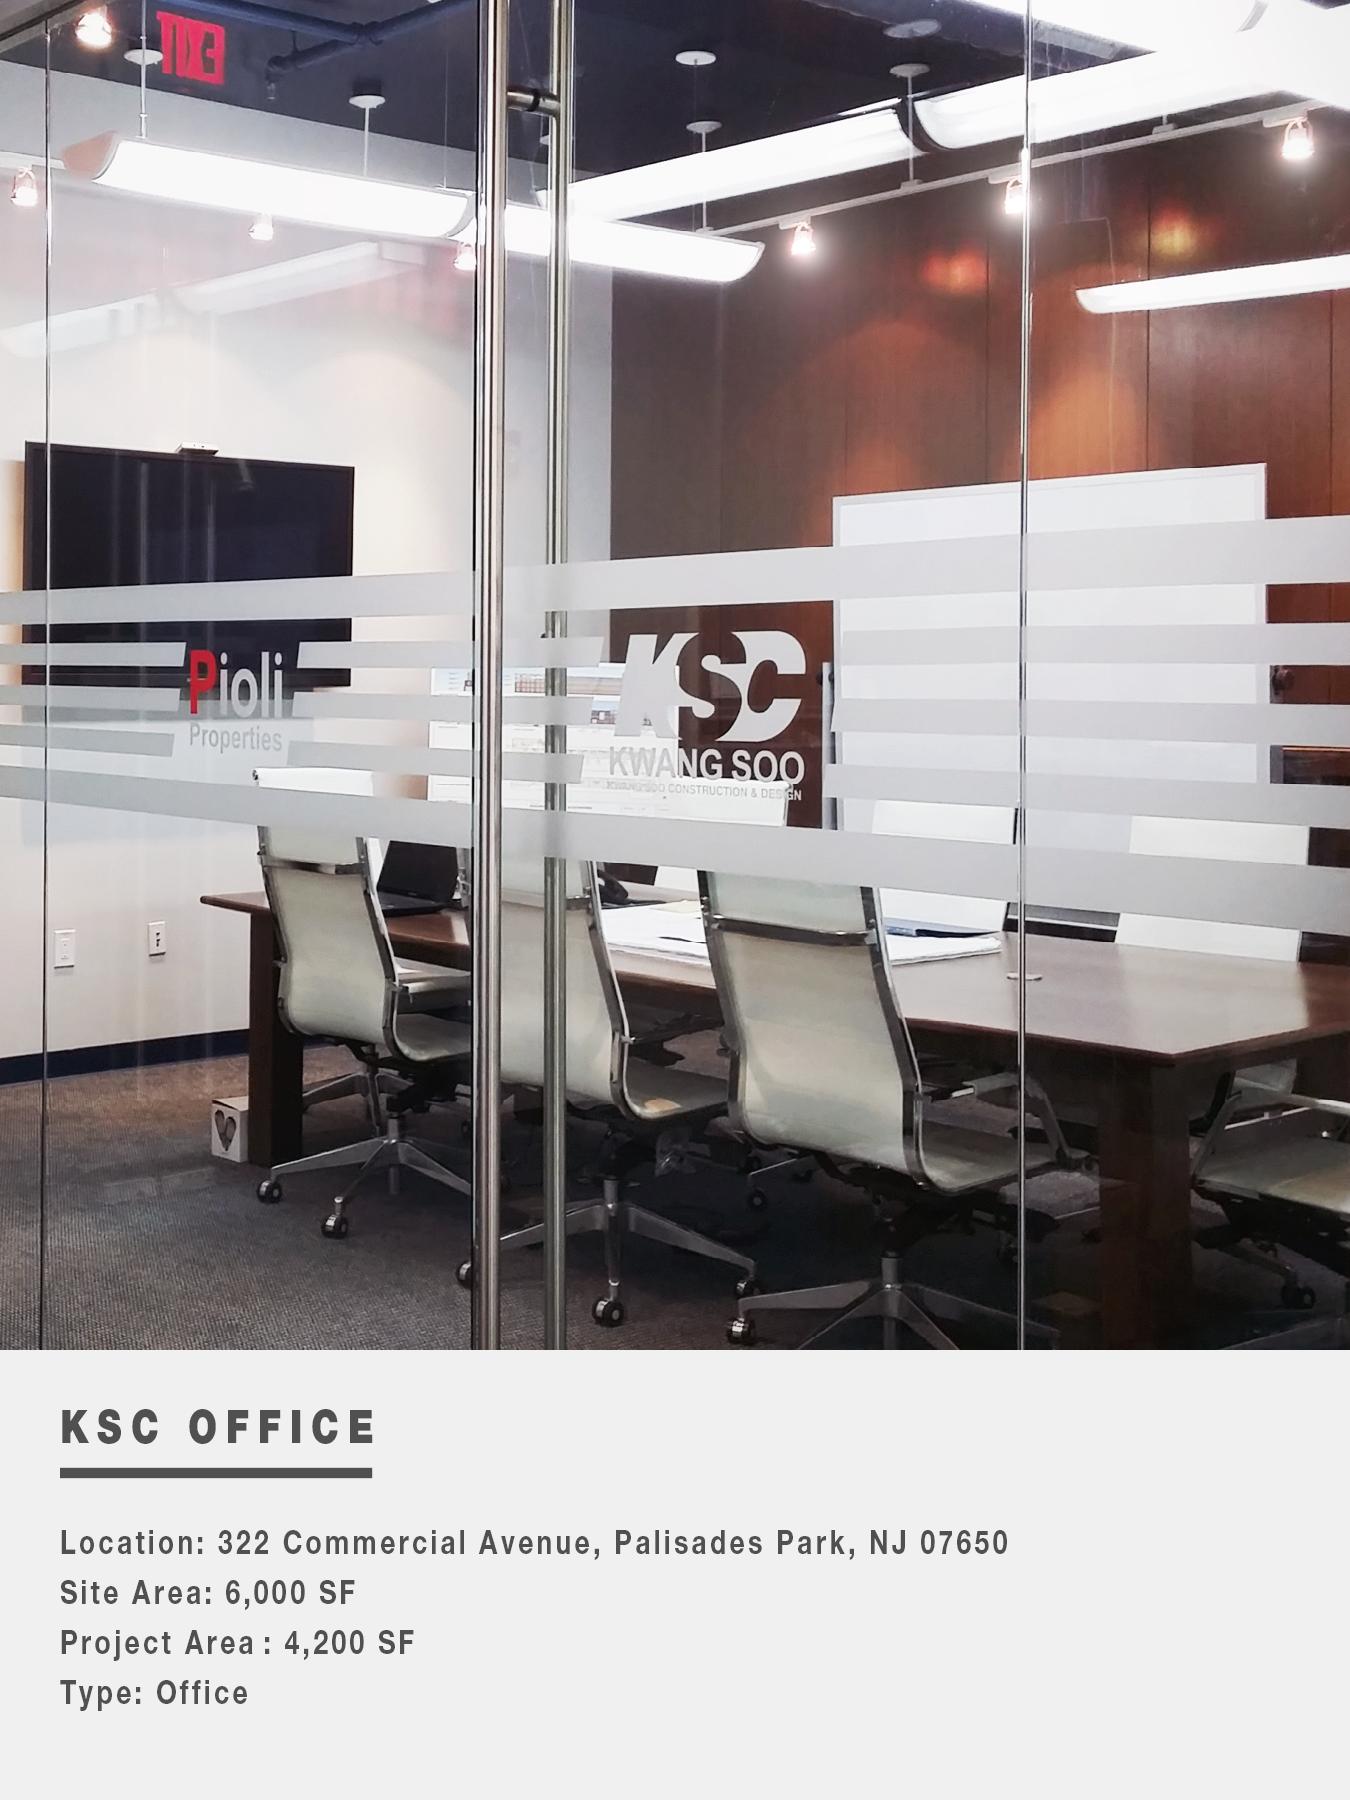 KSC OFFICE